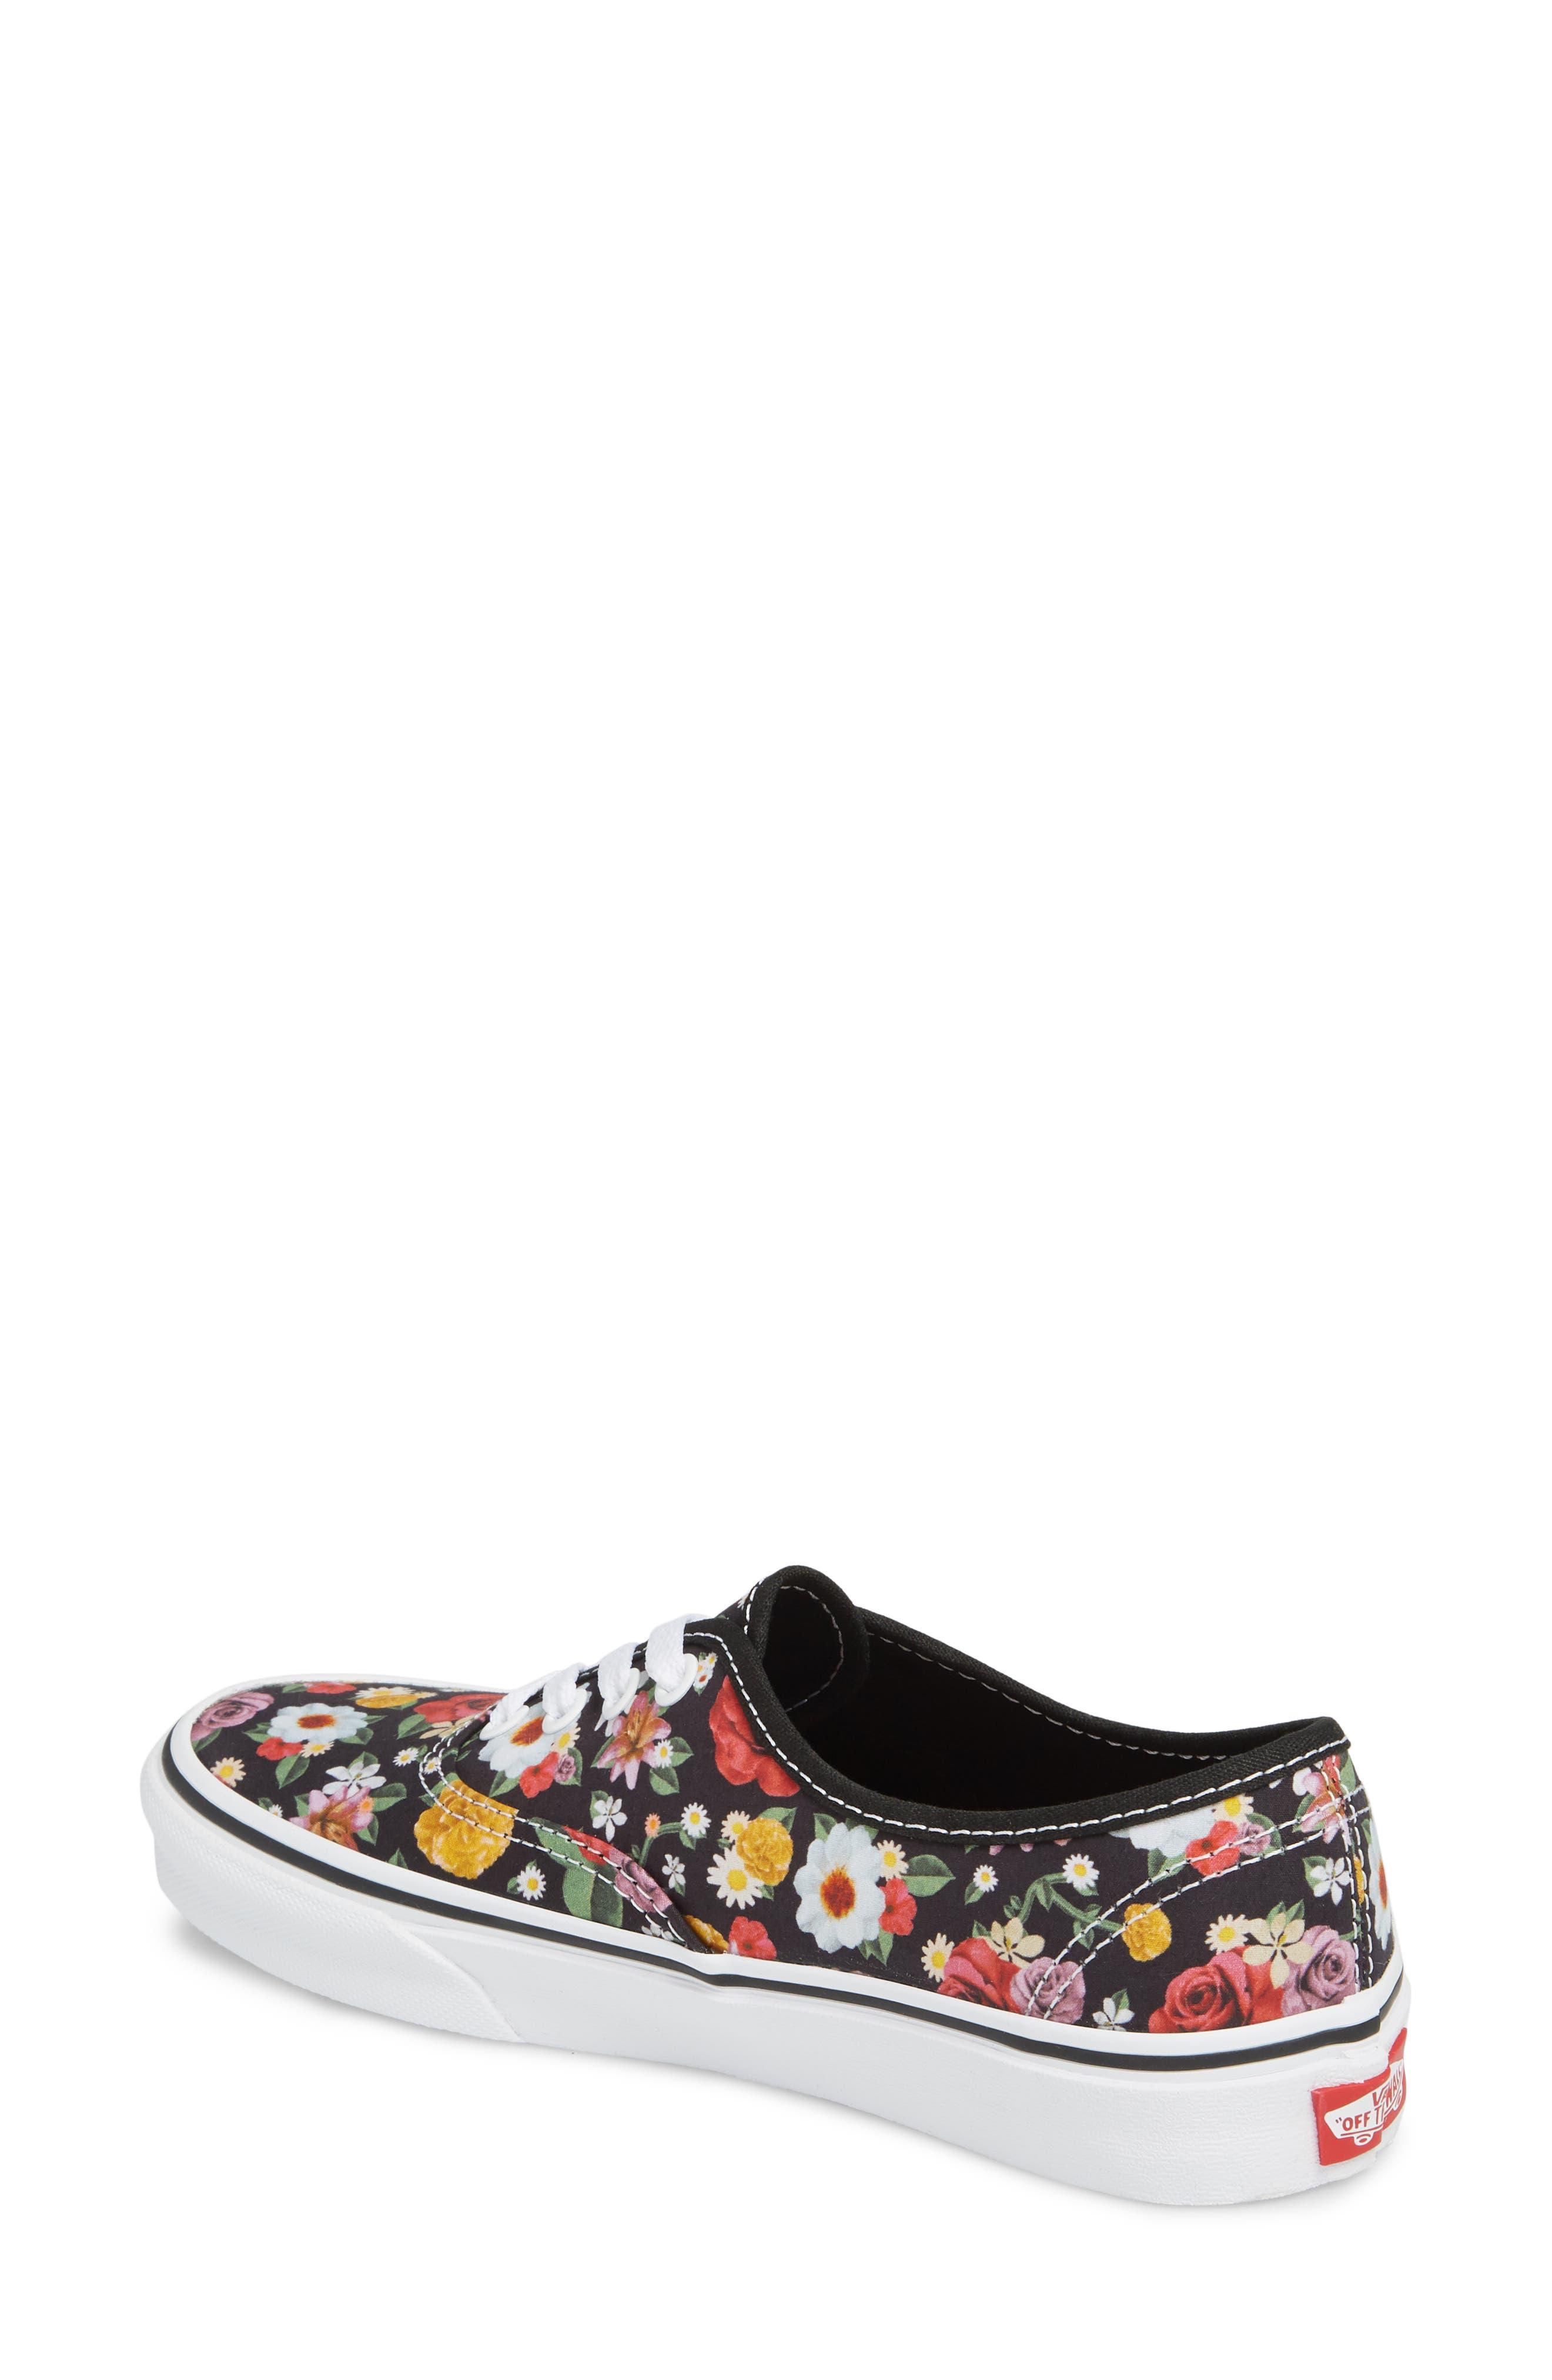 UA Authentic Lux Floral Sneaker,                             Alternate thumbnail 2, color,                             DIGI FLORAL/ BLACK